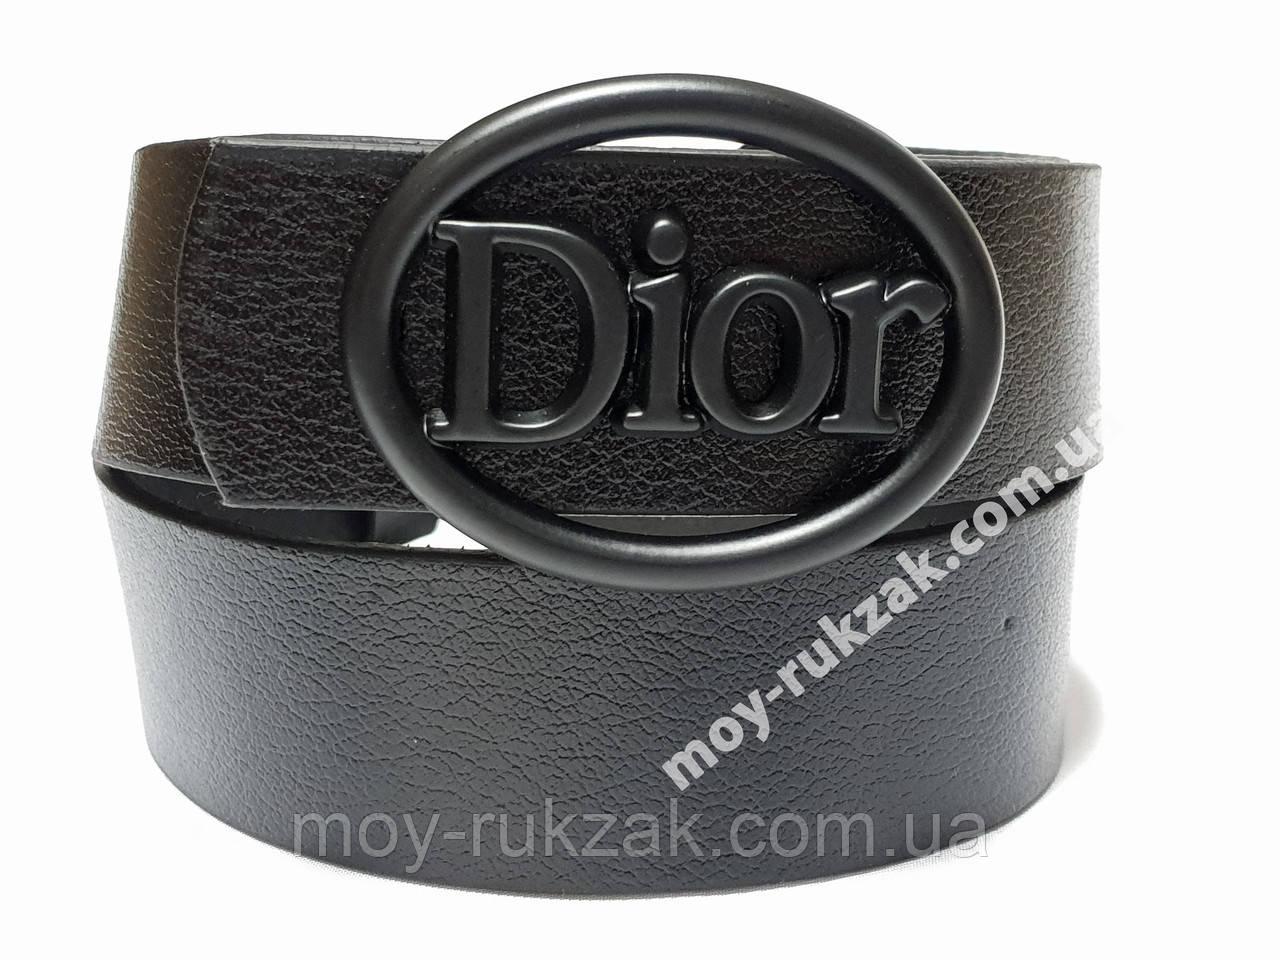 Ремень брендовый женский кожаный, ширина 40 мм., реплика арт. 930723